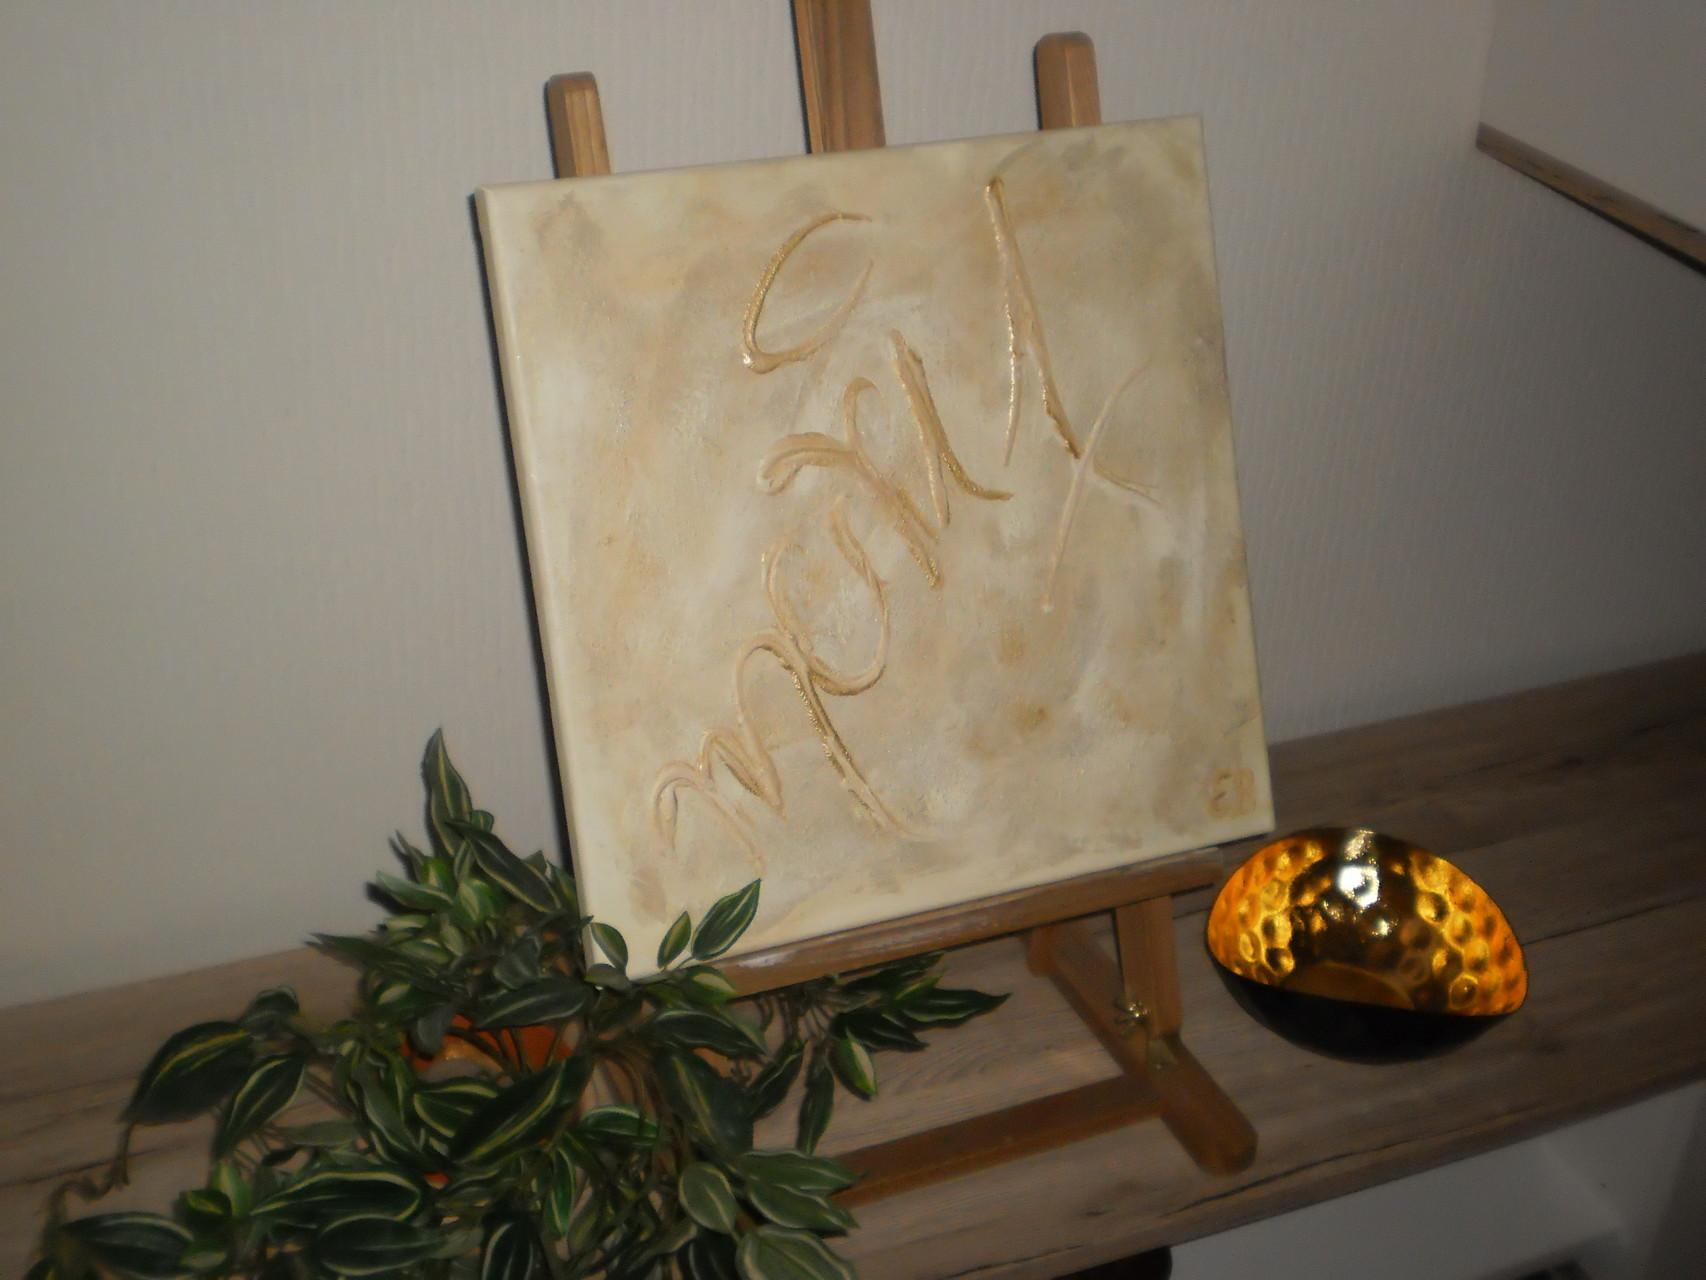 Marit (zur Geburt meiner Enkeltochter) - 40 x 40 cm - Acryl - unverkäuflich